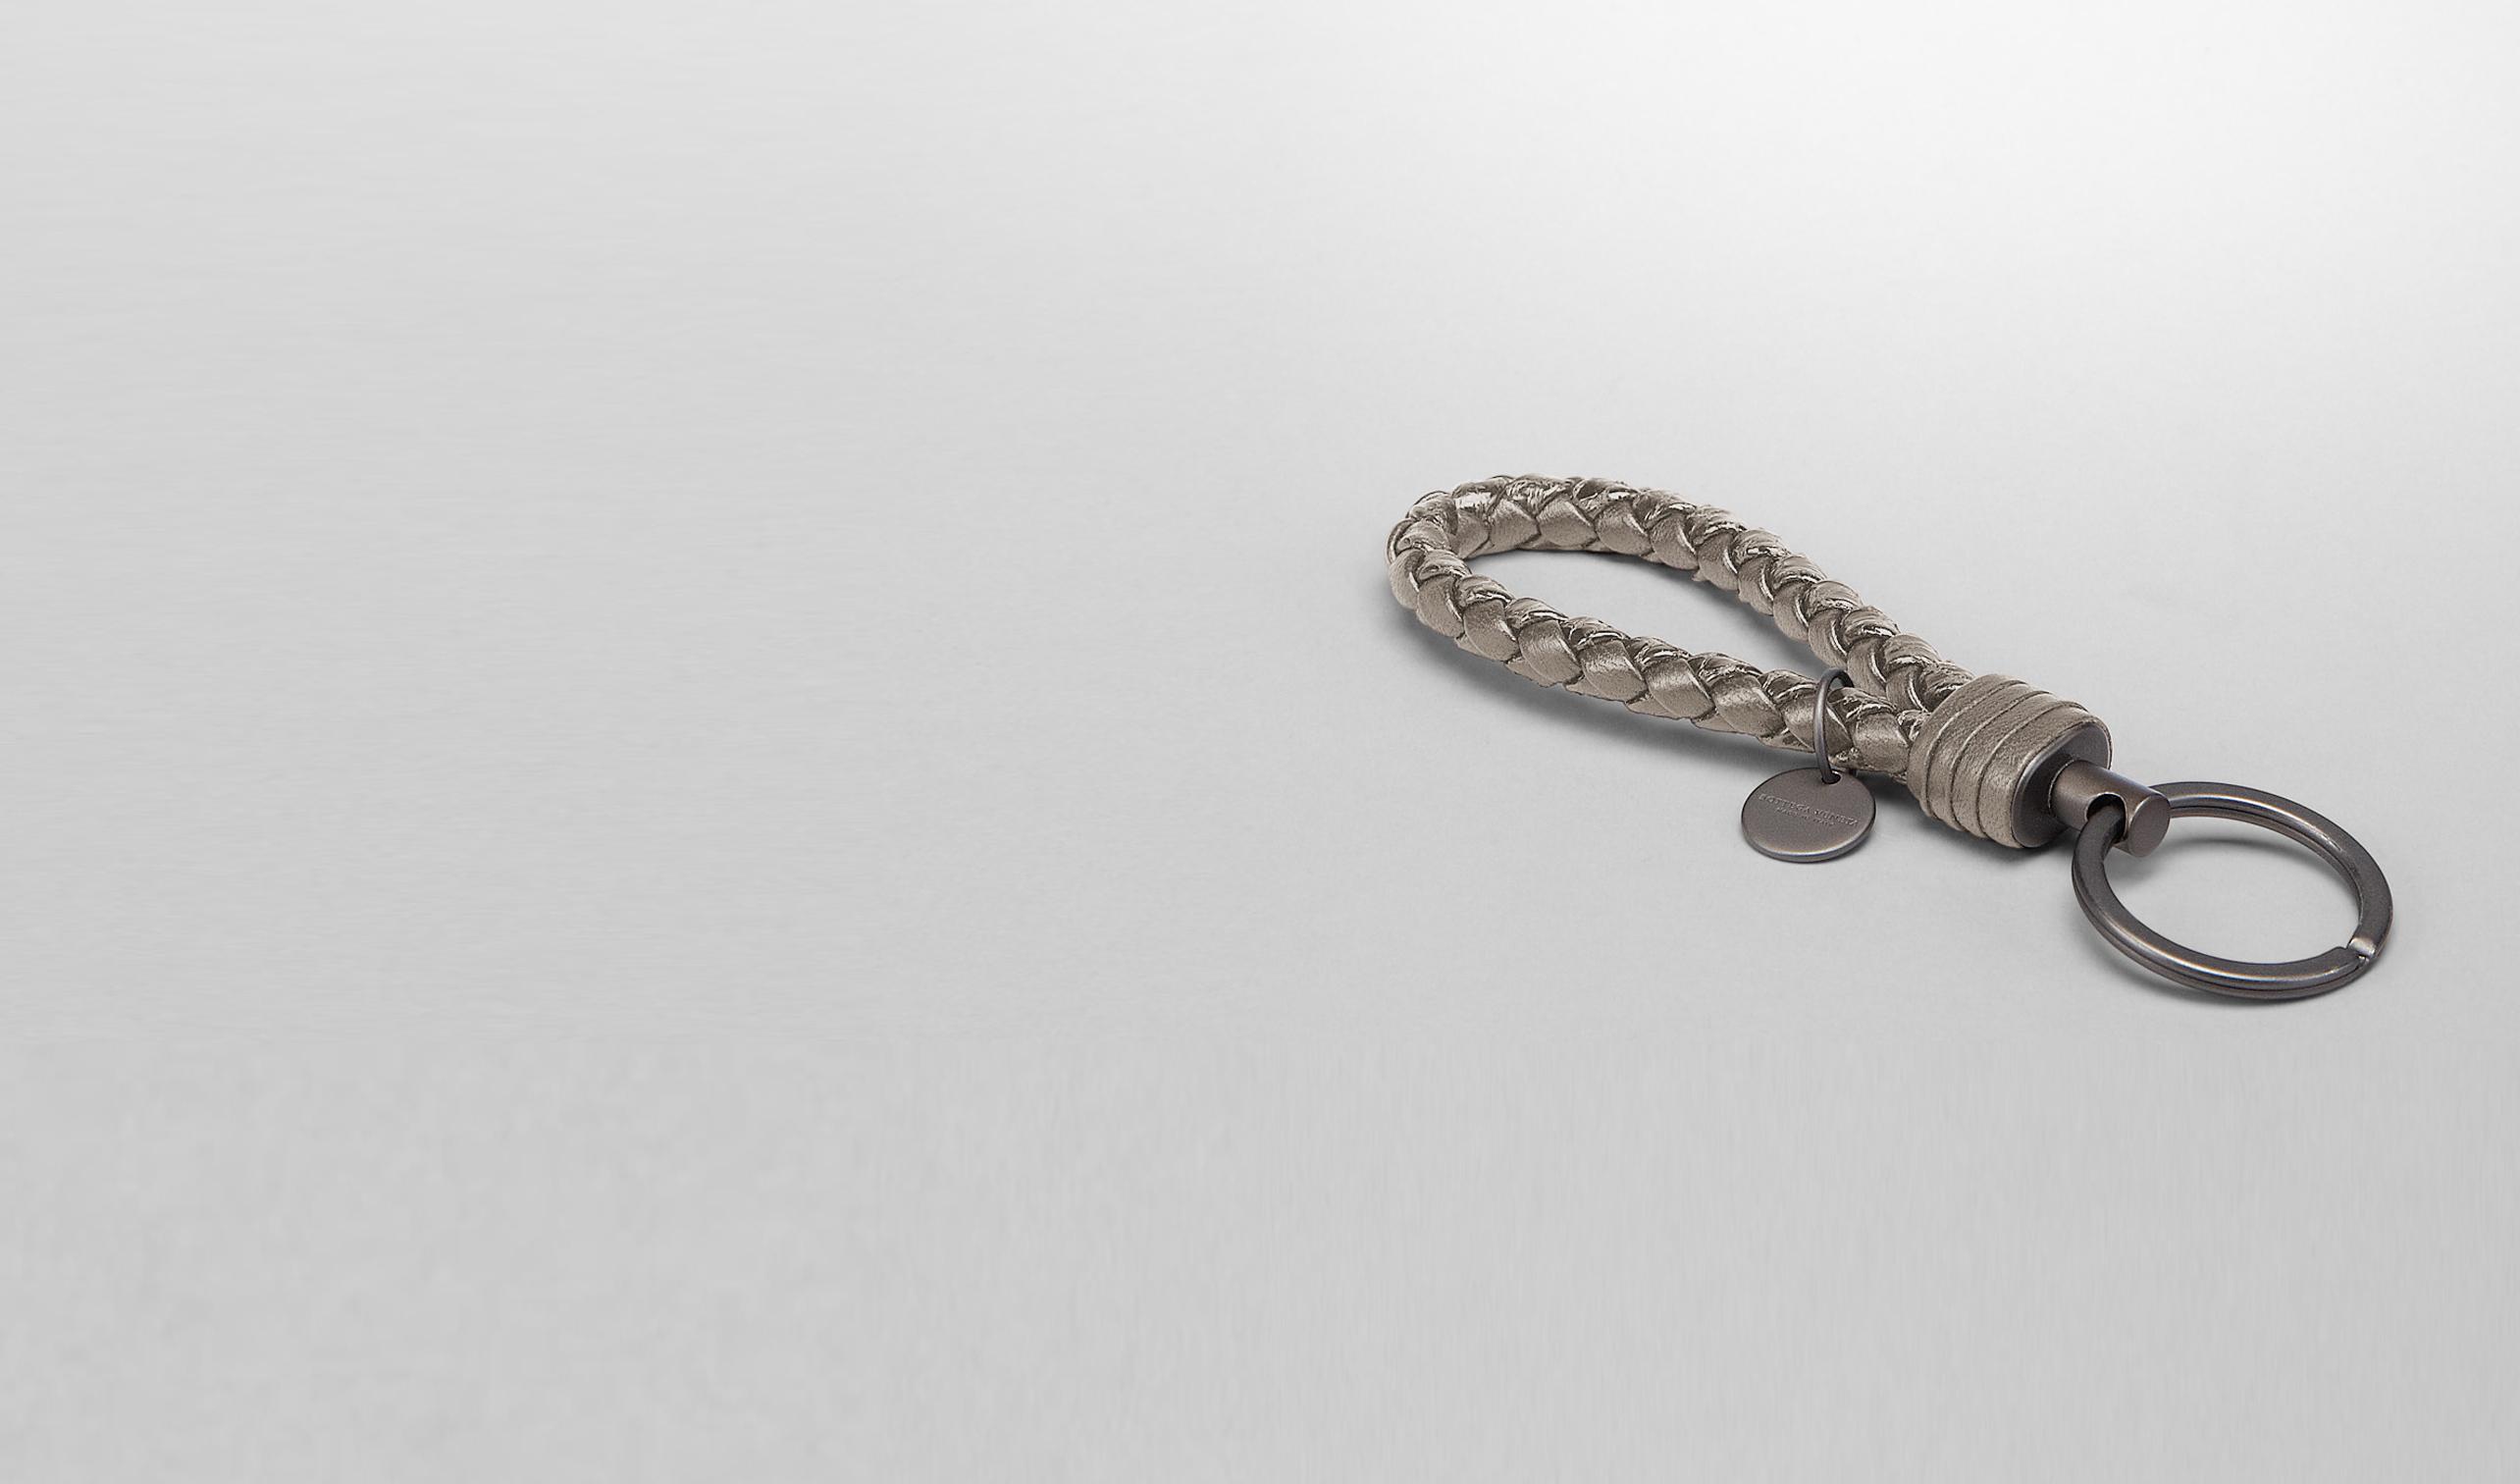 BOTTEGA VENETA Keyring or Bracelets E Fume Intrecciato Ayers Key Ring pl